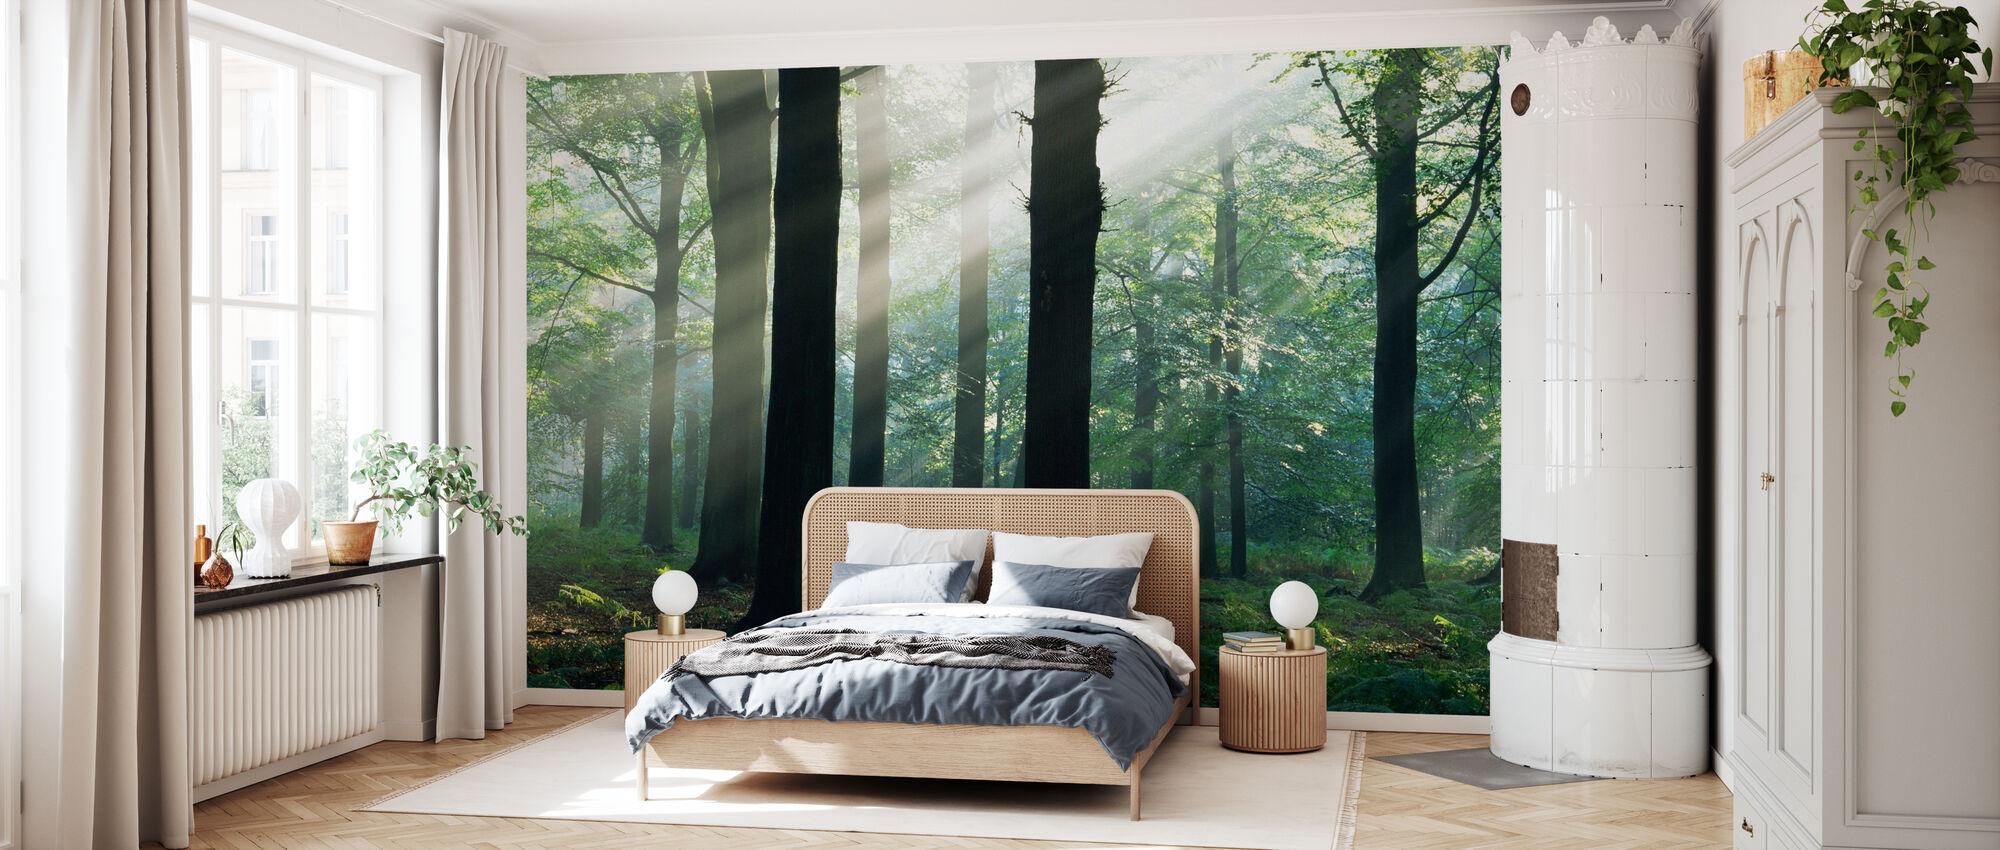 Zonneschijn in de ochtend - Behang - Slaapkamer